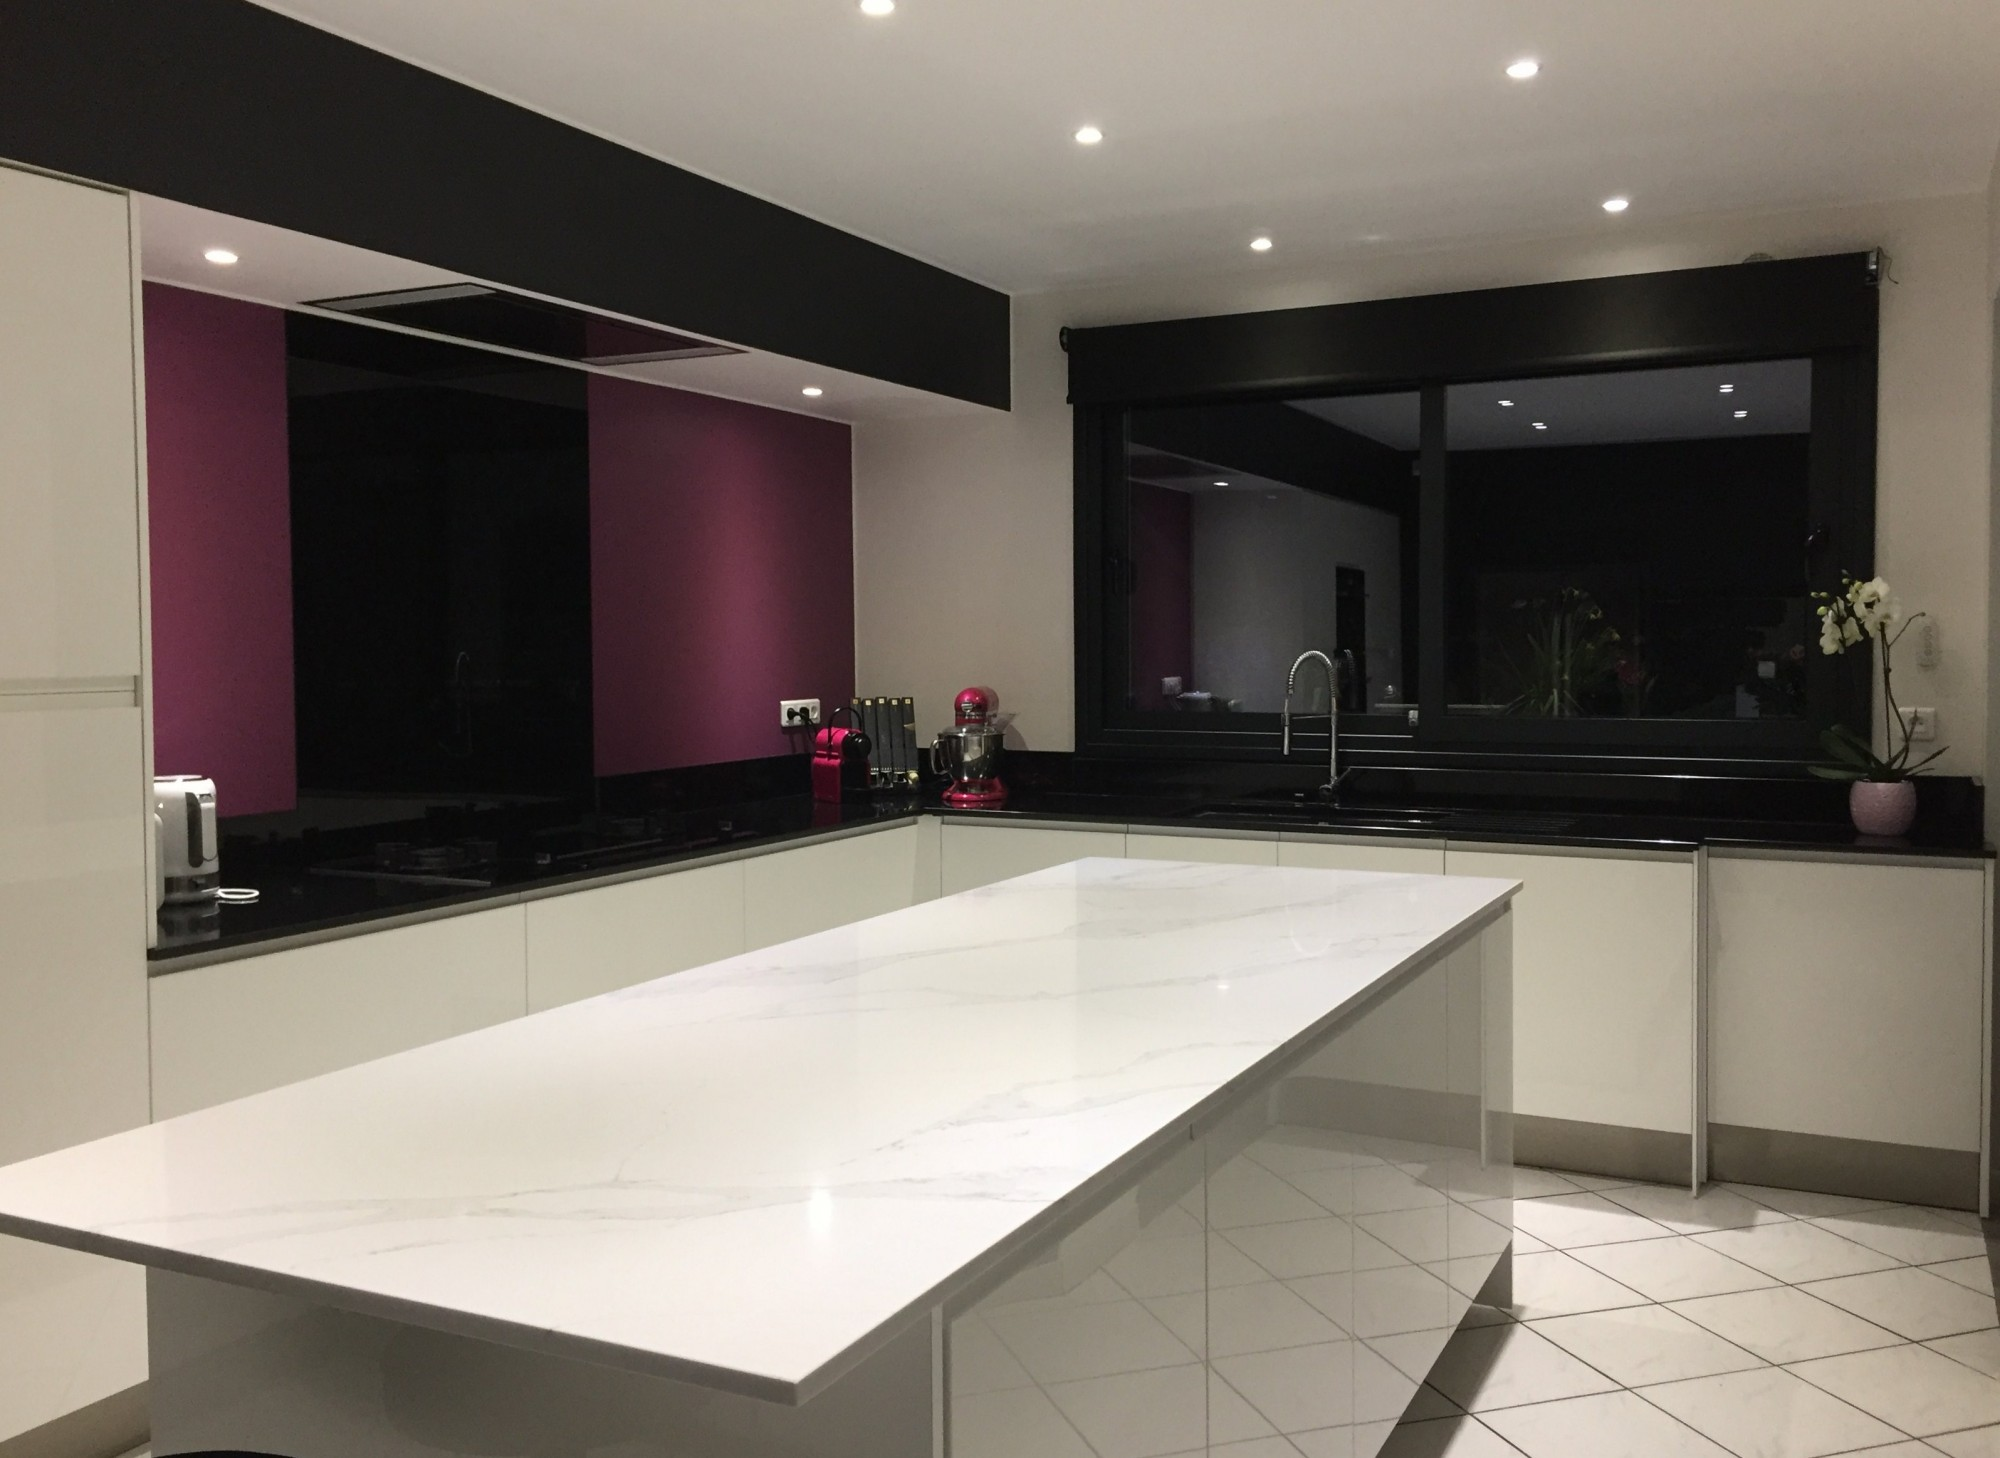 plan de travail cuisine laque blanc. Black Bedroom Furniture Sets. Home Design Ideas